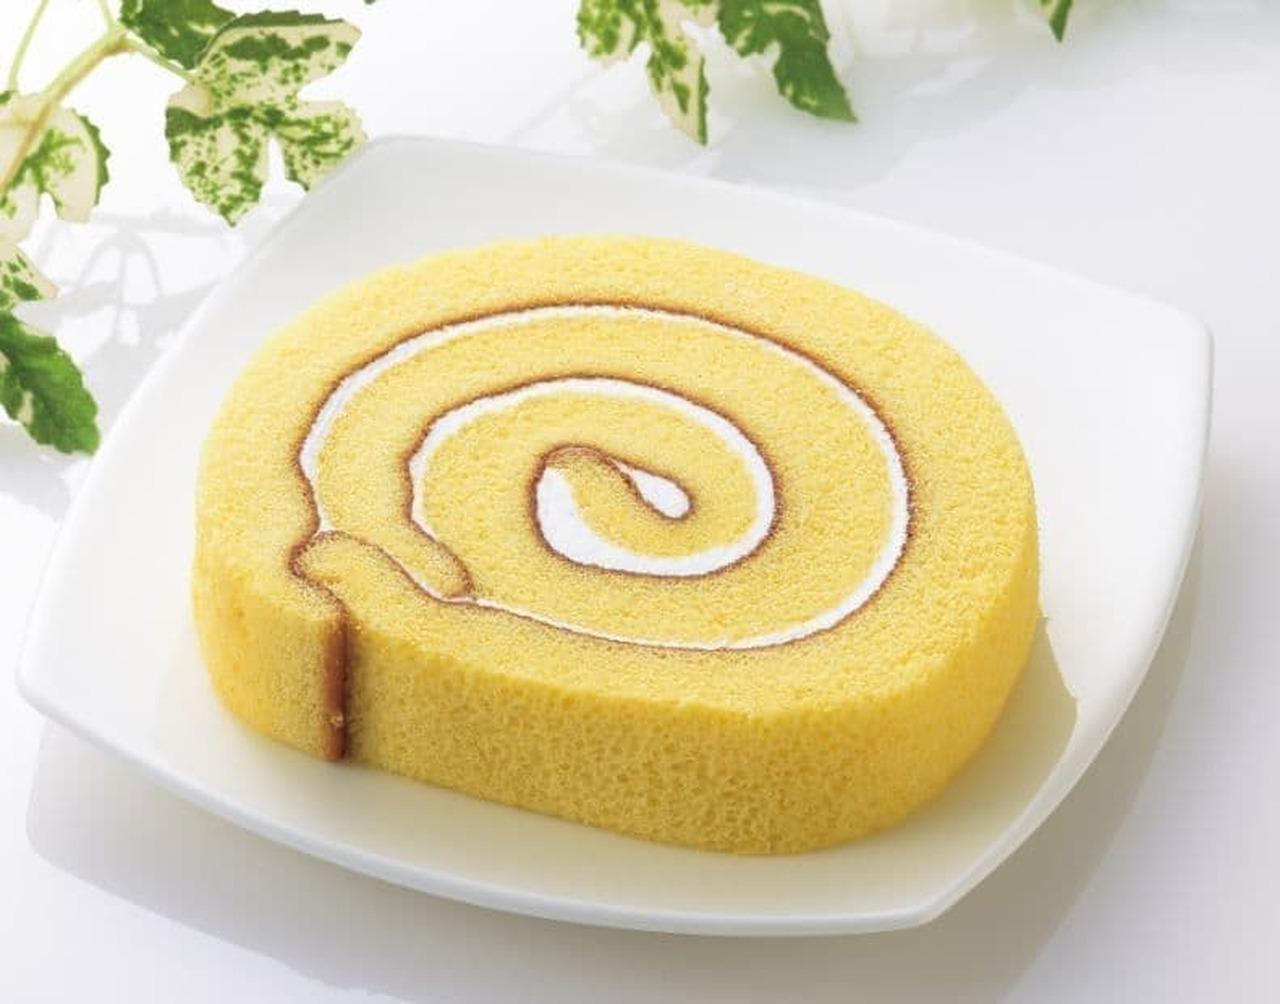 ローソン「しっとりロールケーキ(とやまの牛乳入りクリーム使用)」